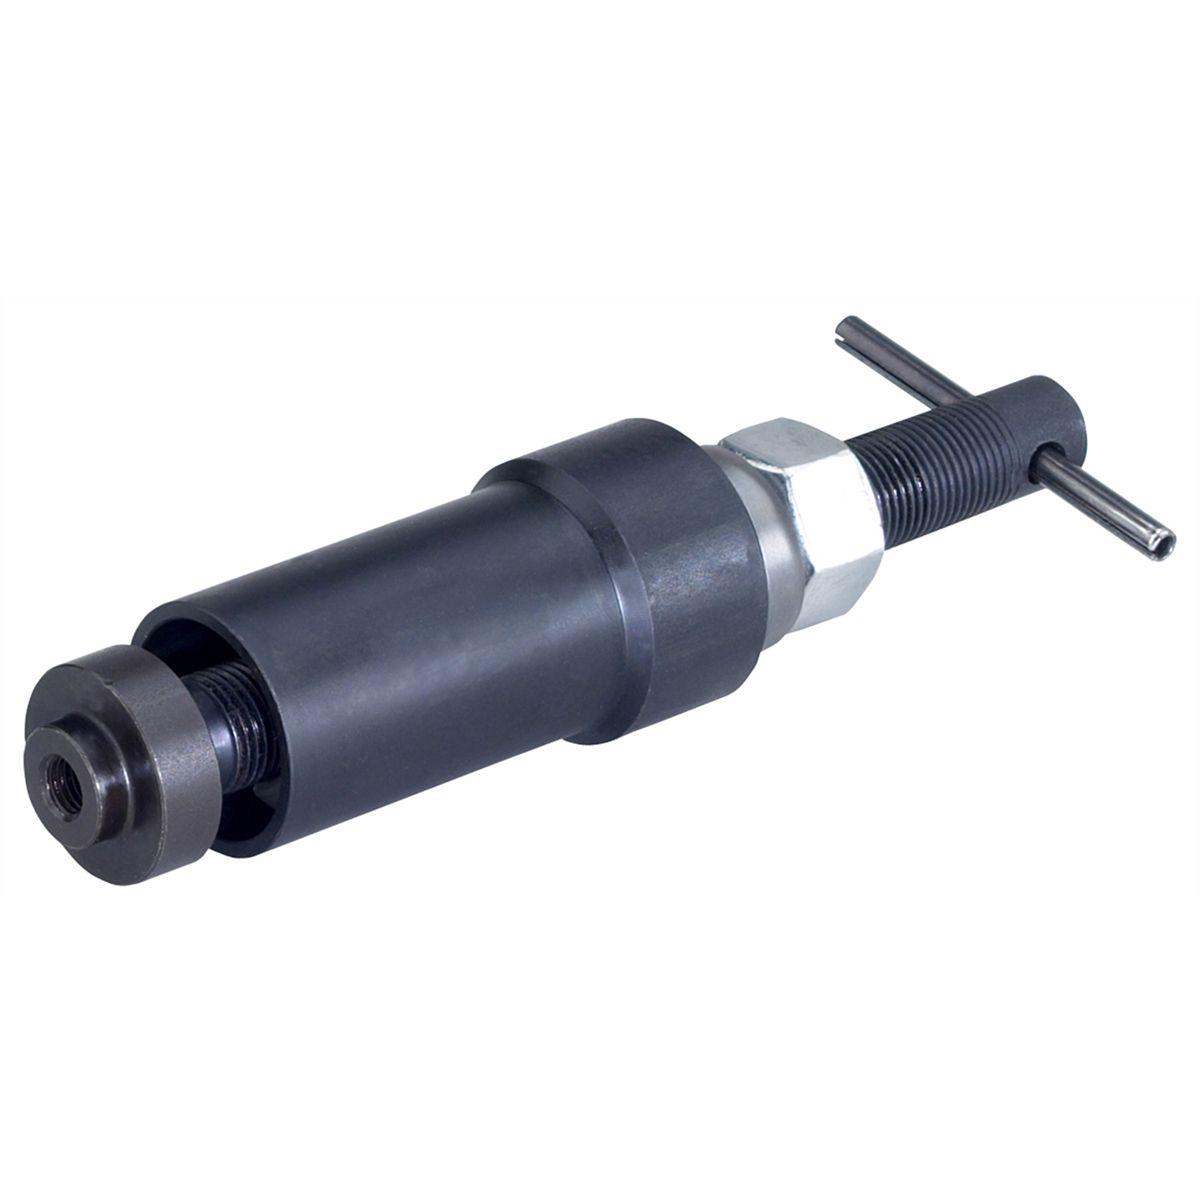 Fuel Injector Nozzle Puller / Installer - Mack